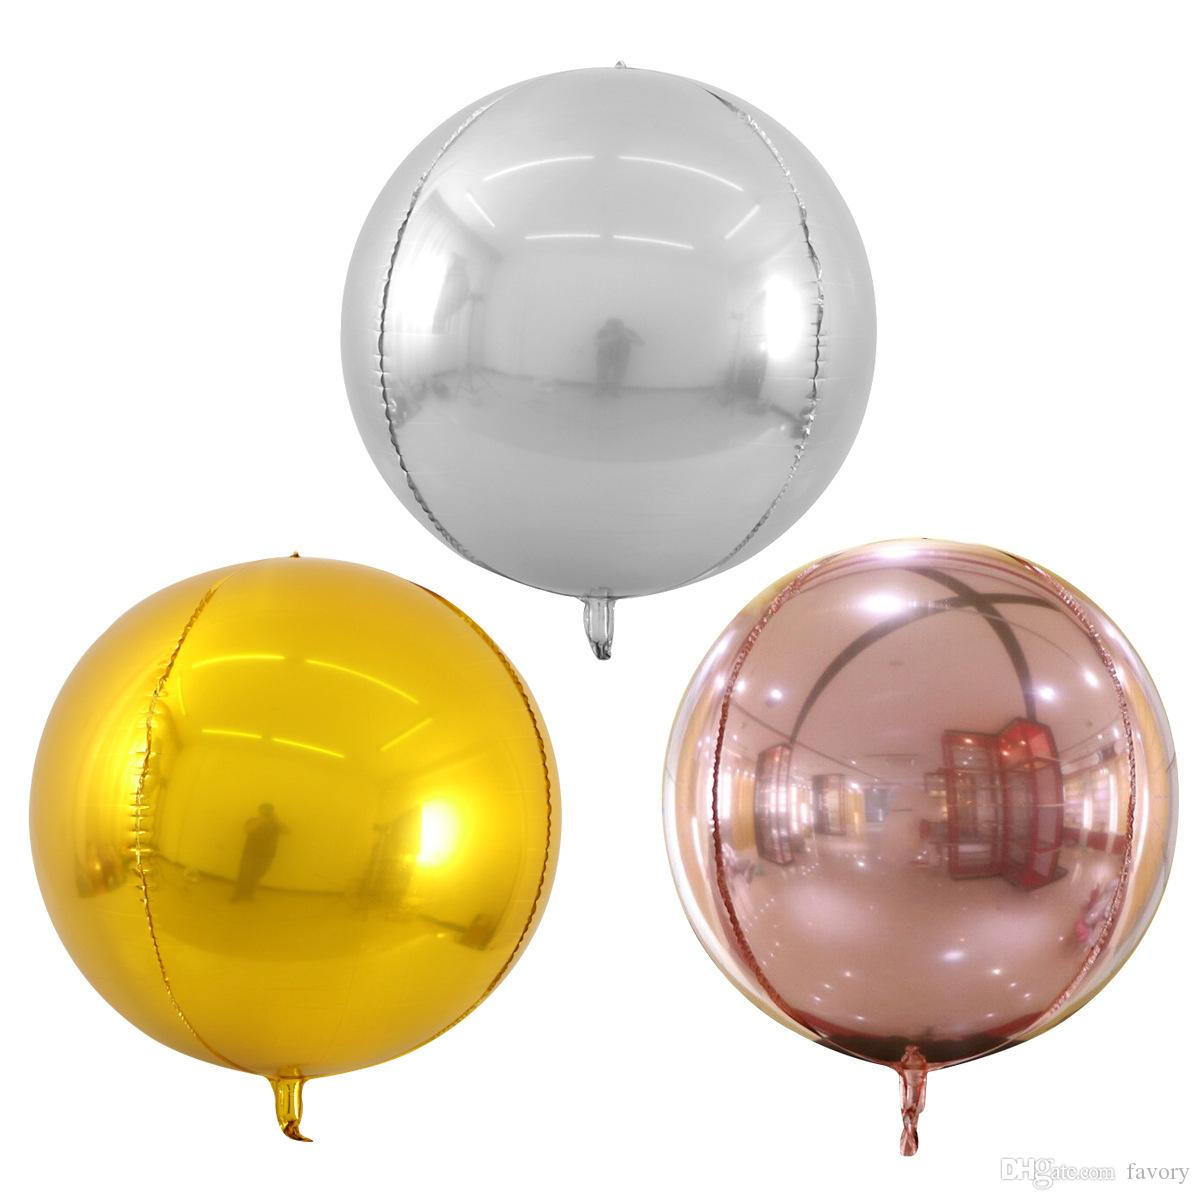 20PCS 22inch الذهب الفضة 4D احباط جولة البالونات الهليوم نفخ بالونات الزفاف حفل عيد ميلاد الطفل Globos ألعاب الديكور